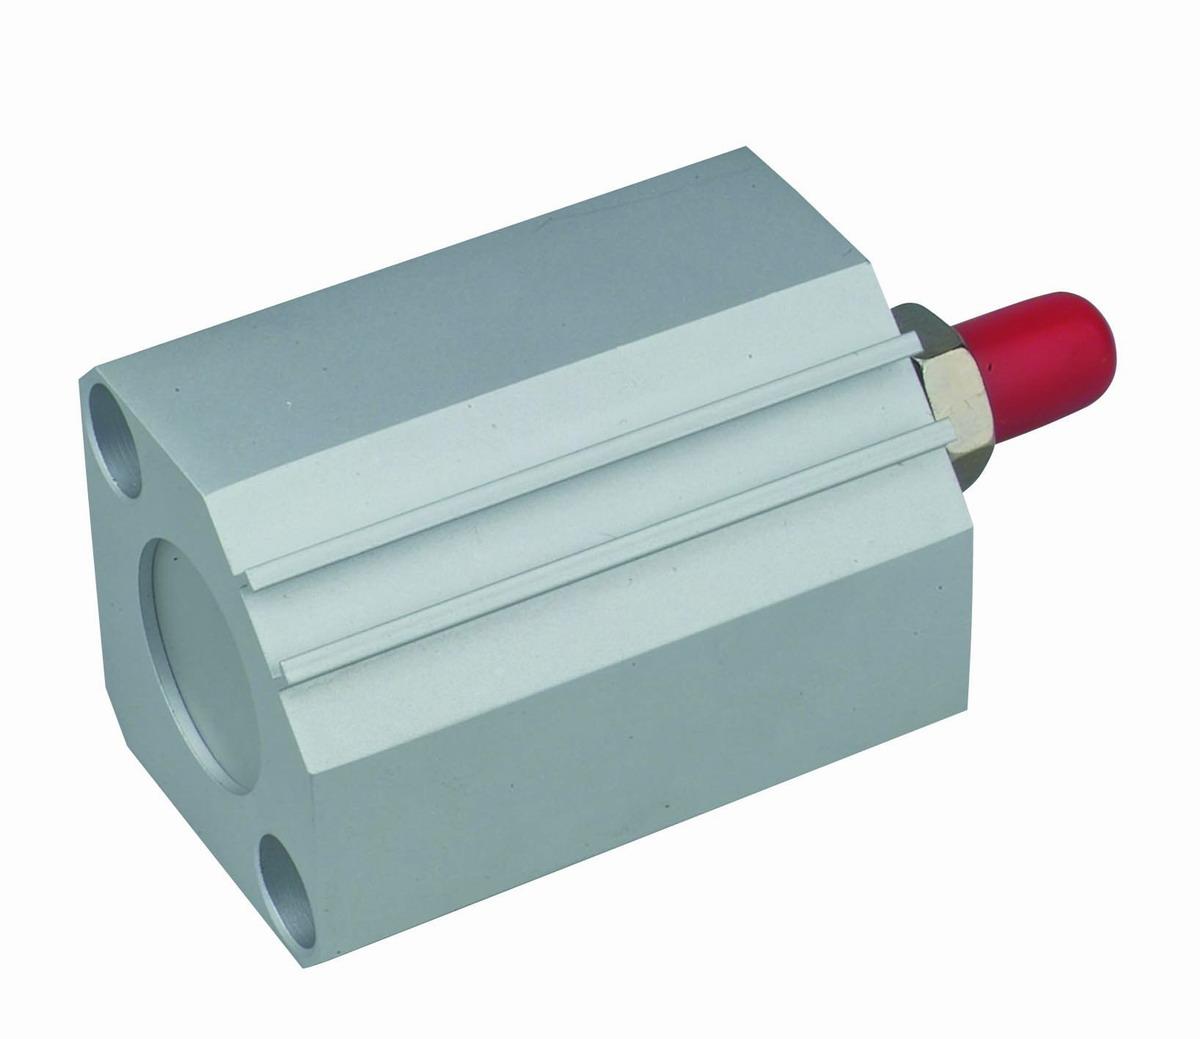 不锈钢管接头不锈钢三通原理 卡套式管接头的预防